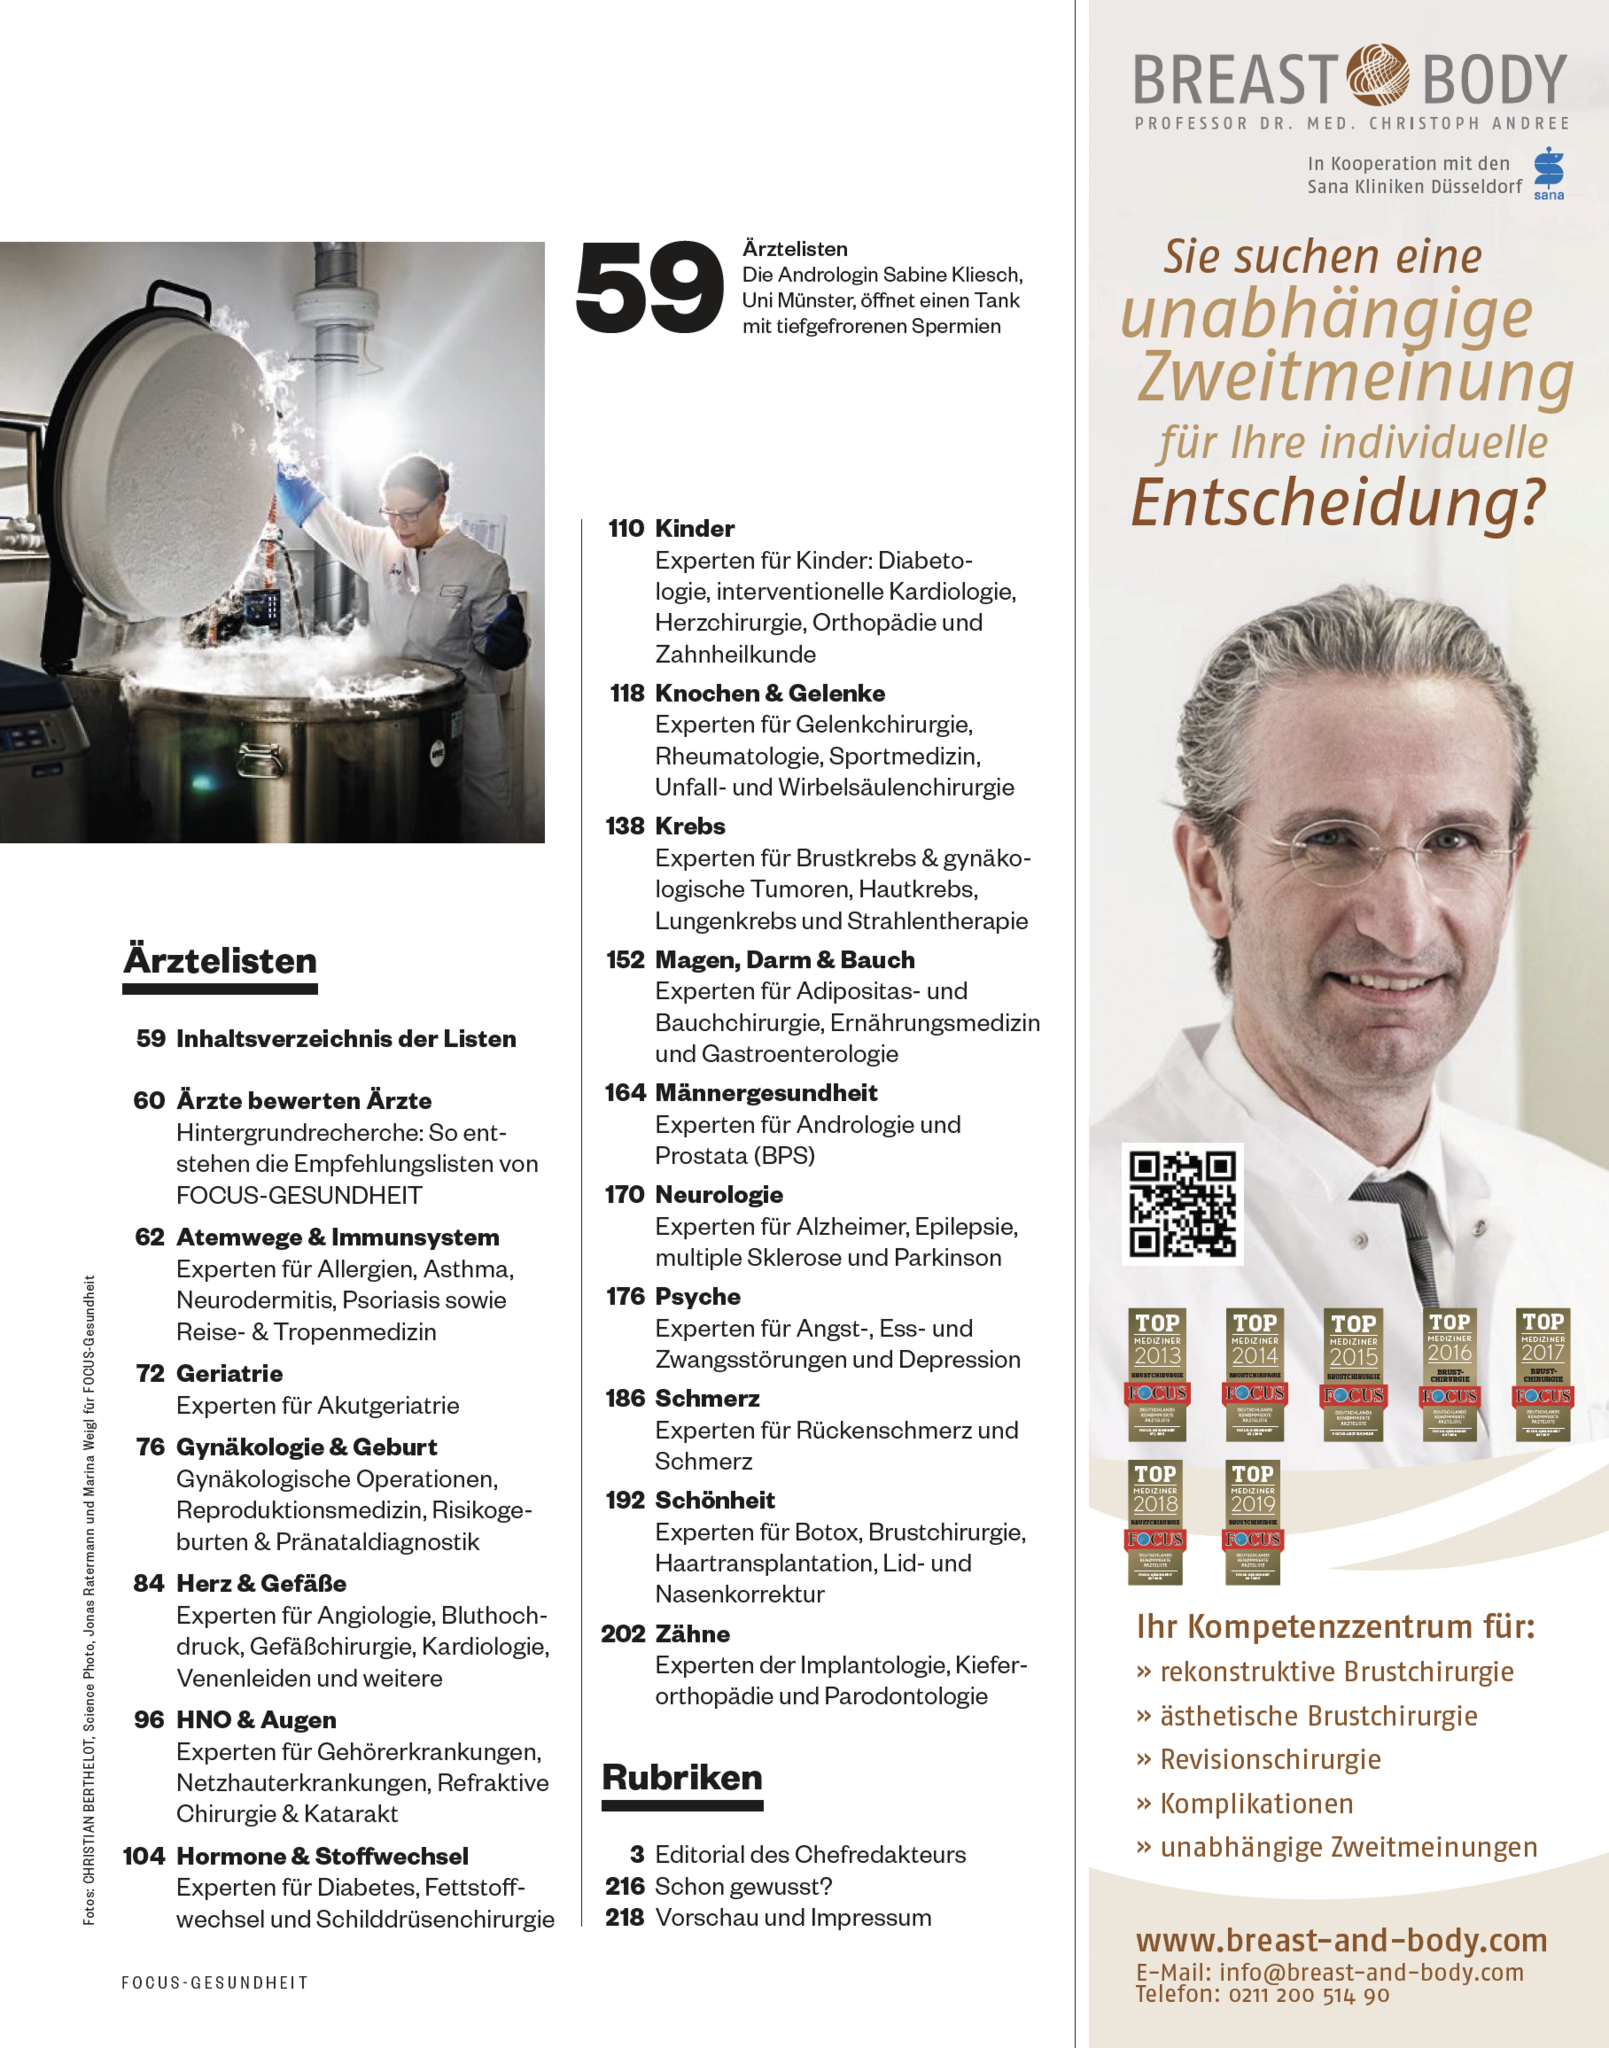 FOCUS-GESUNDHEIT FOCUS Gesundheit  - Die besten Ärzte 2019